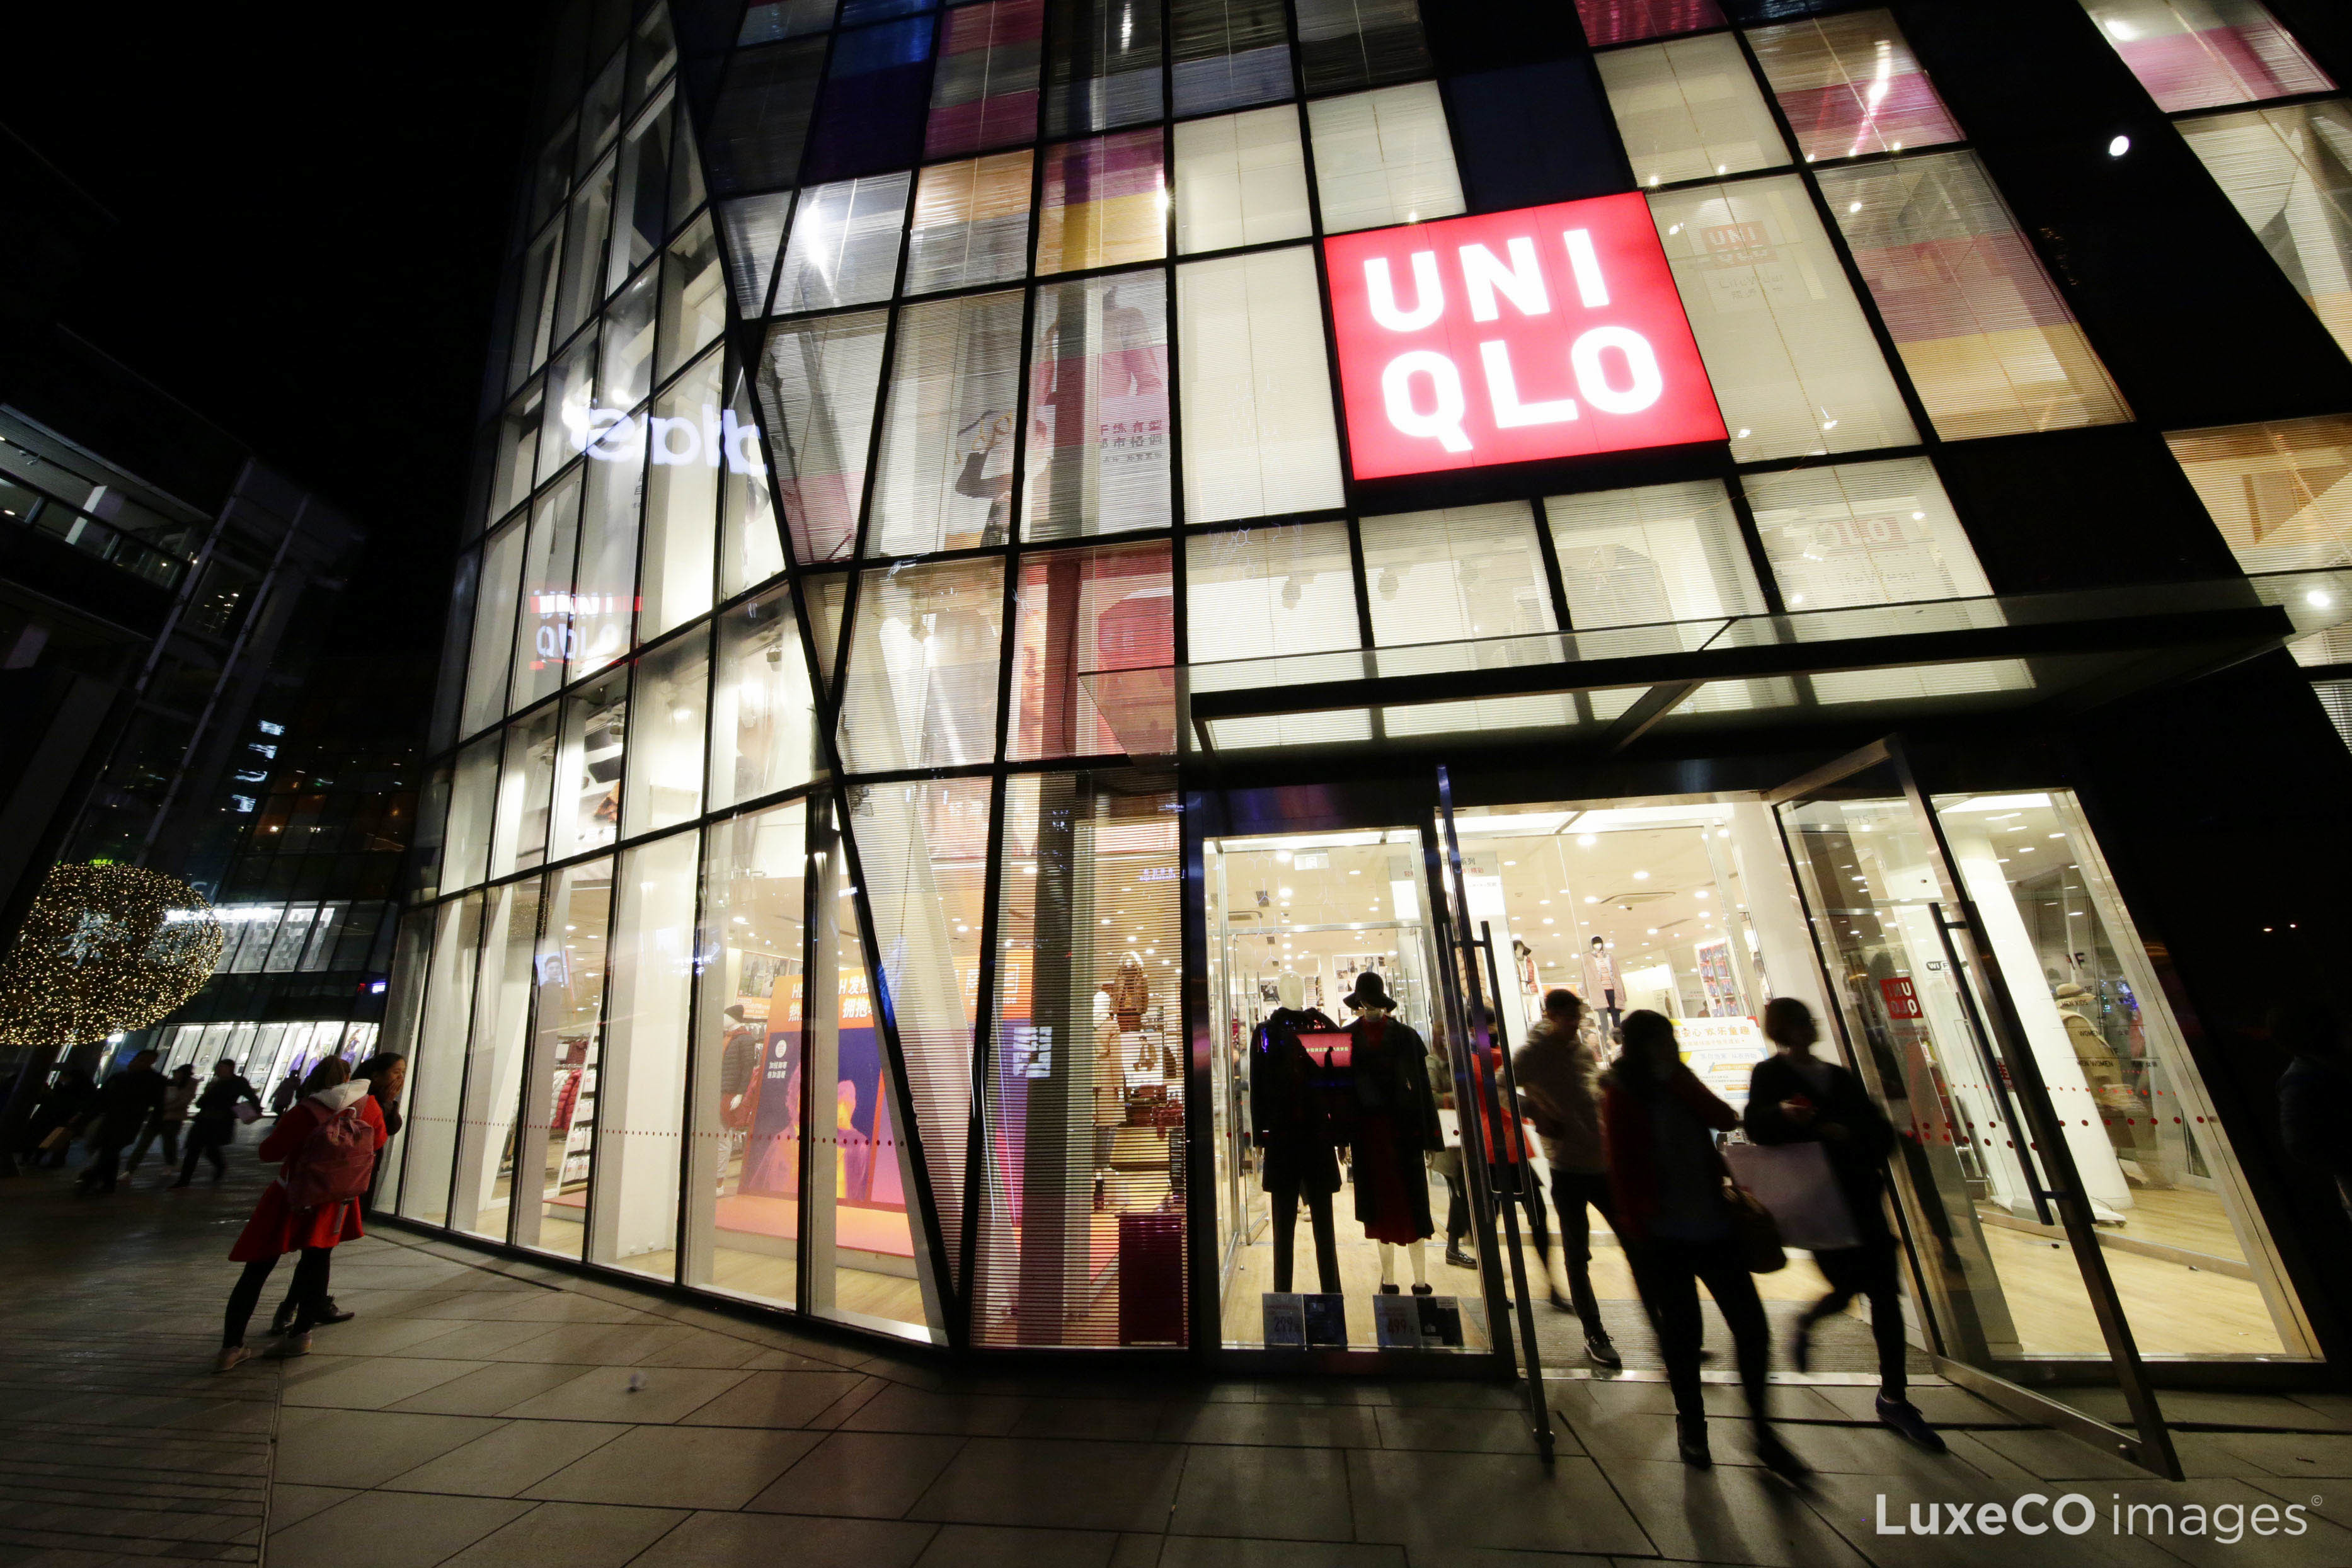 优衣库母公司迅销集团本财年前三季度营业利润创下历史记录,大中华区表现大幅好于预期